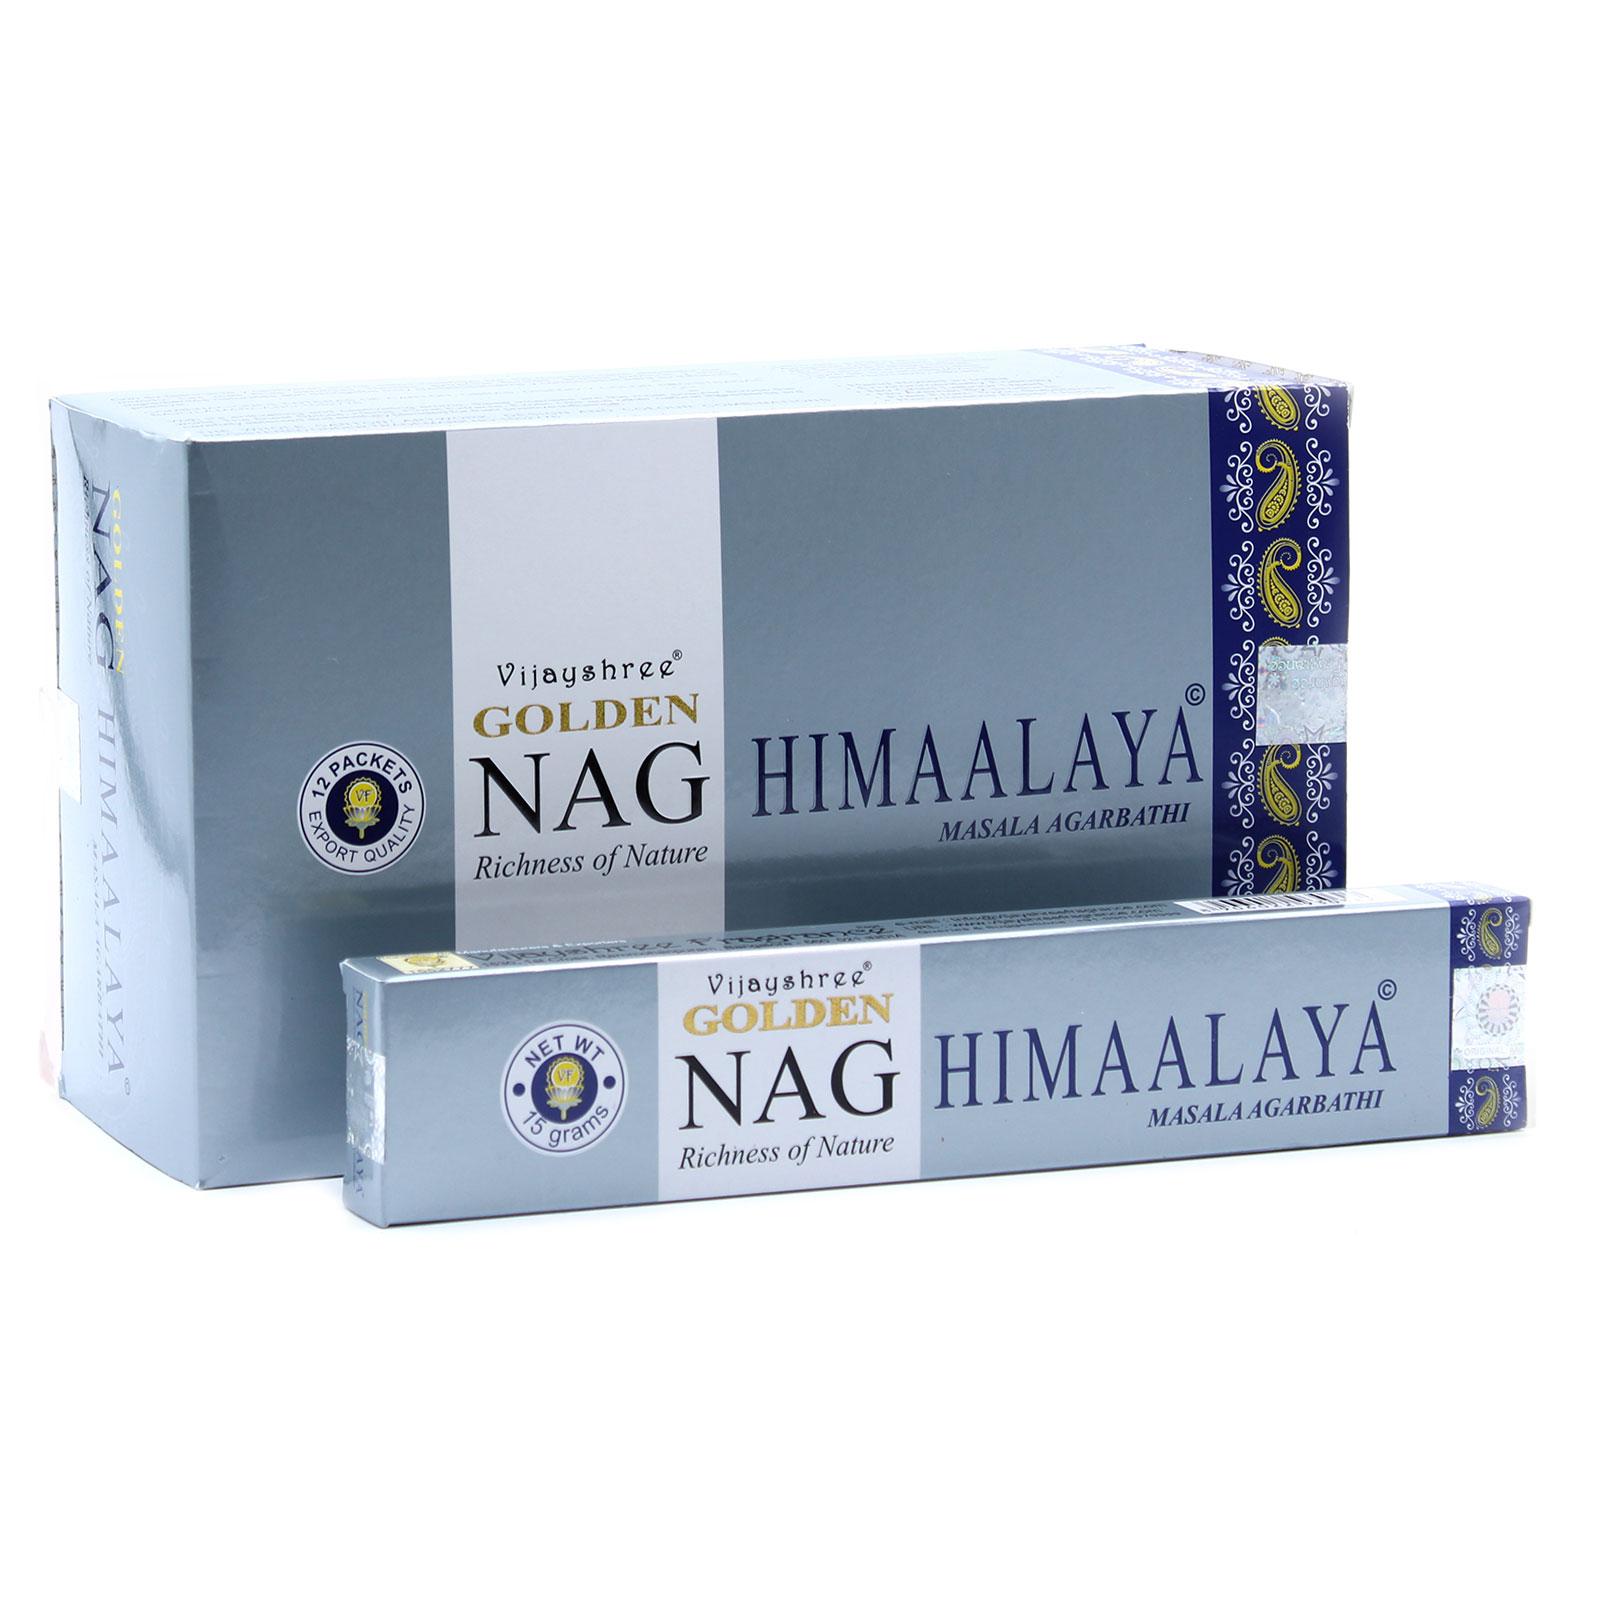 15g Golden Nag Himalaya Incense